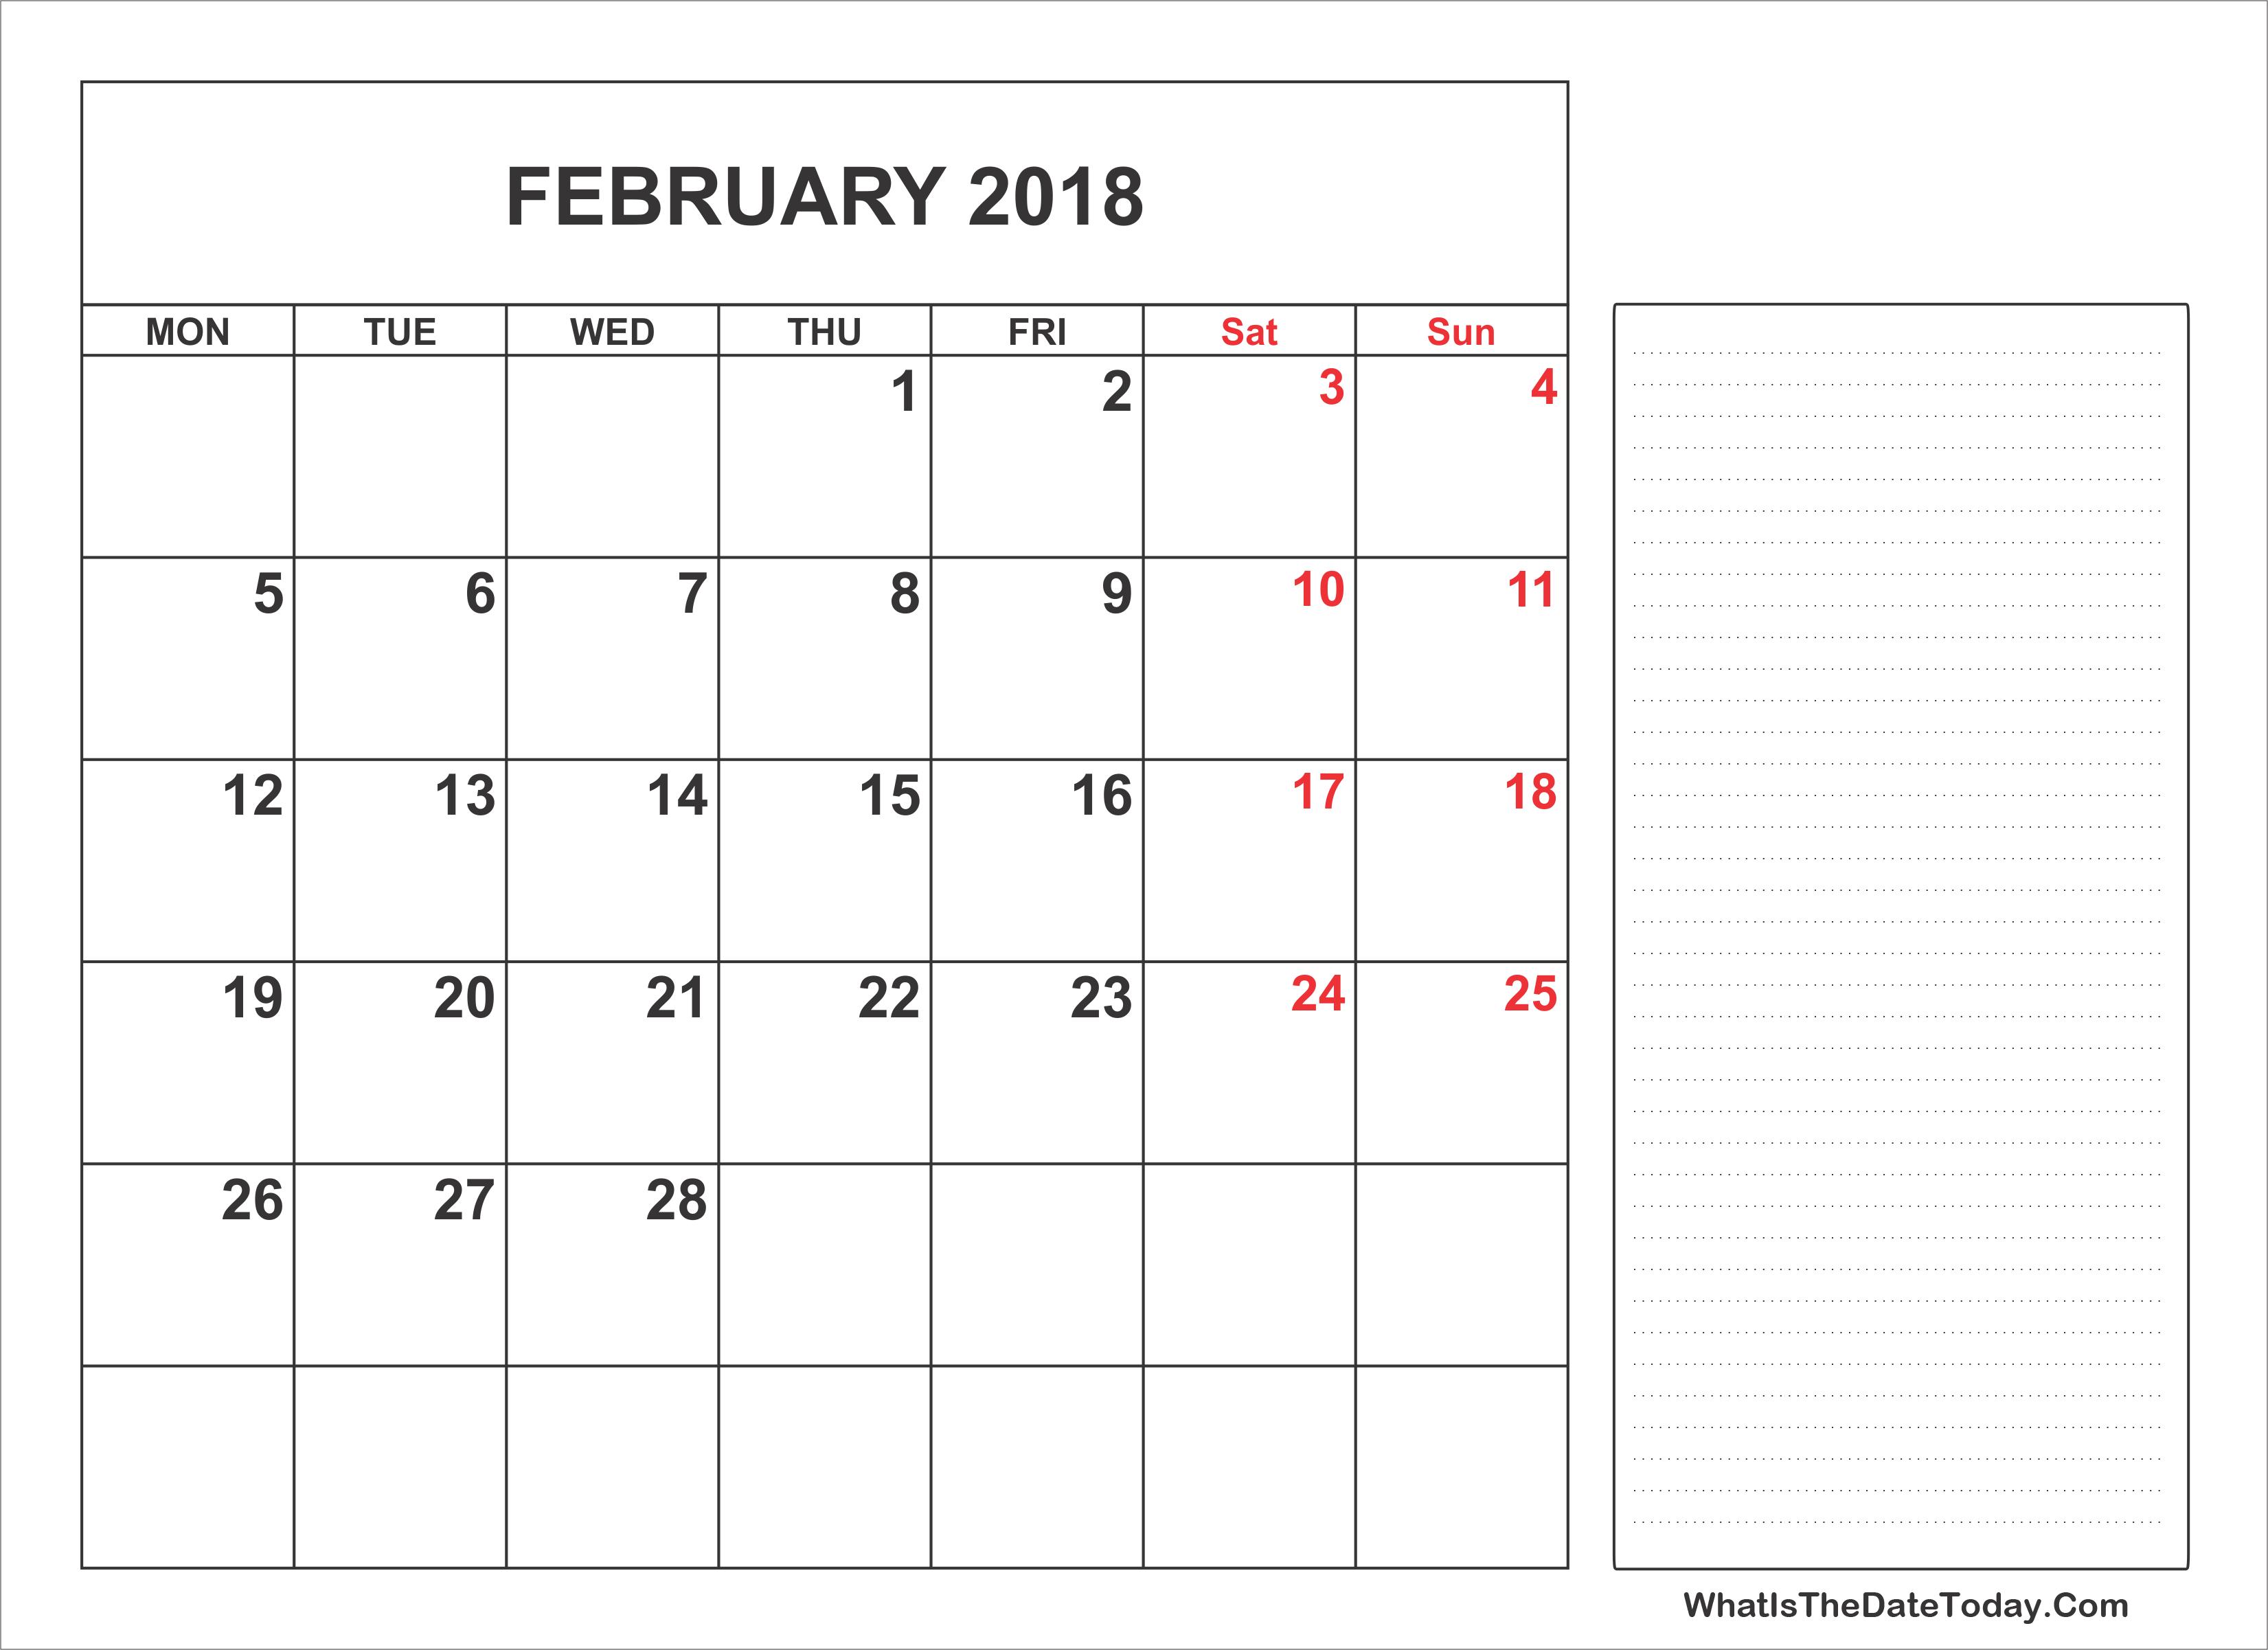 February 2018 Calendar Templates | Whatisthedatetoday.Com